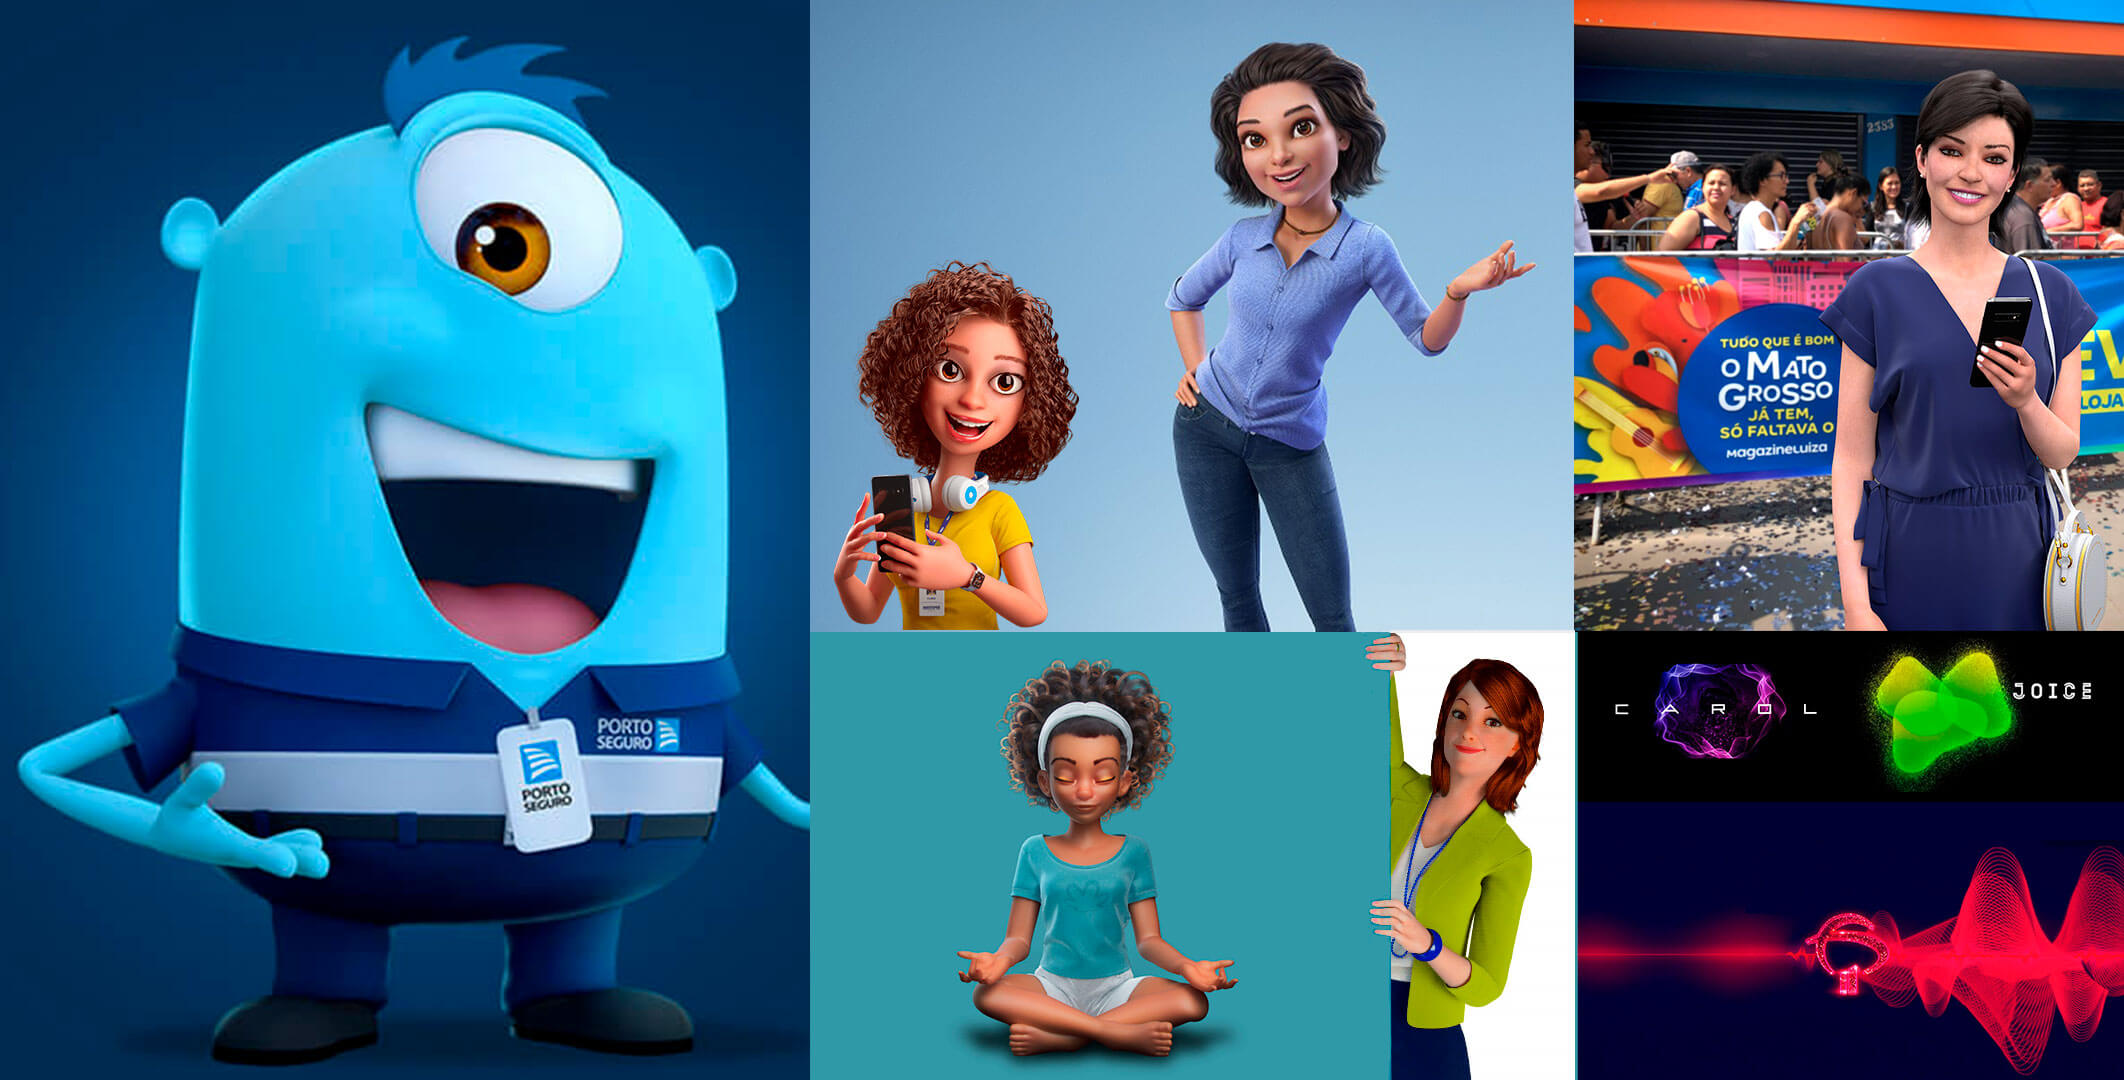 Entenda como assistentes virtuais têm potencializado e viralizado as marcas 1  - Mono Animation